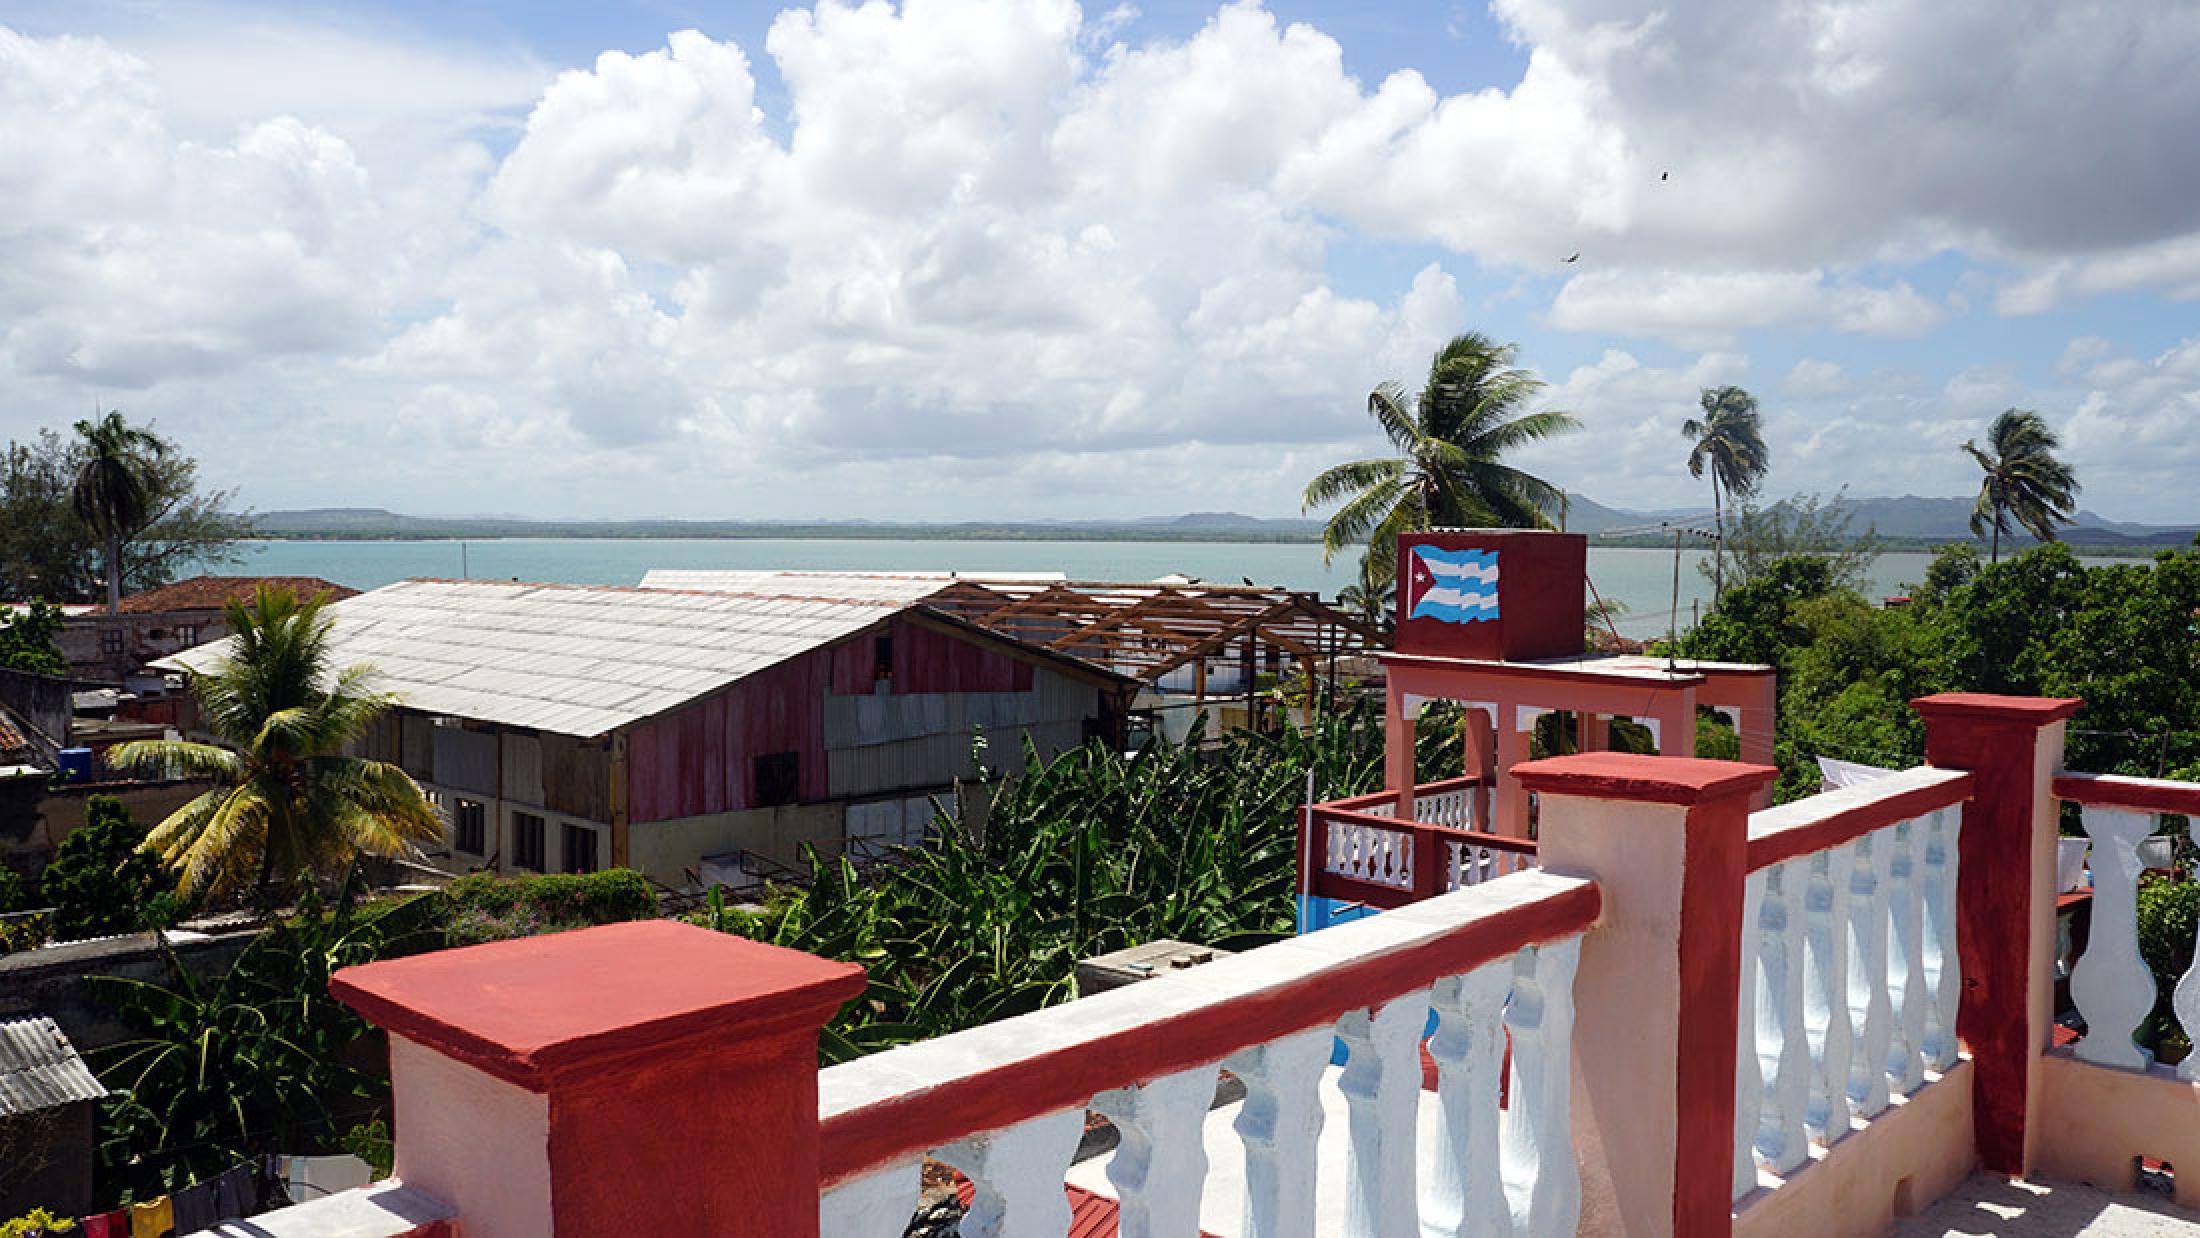 Hostel Terraza Ileana